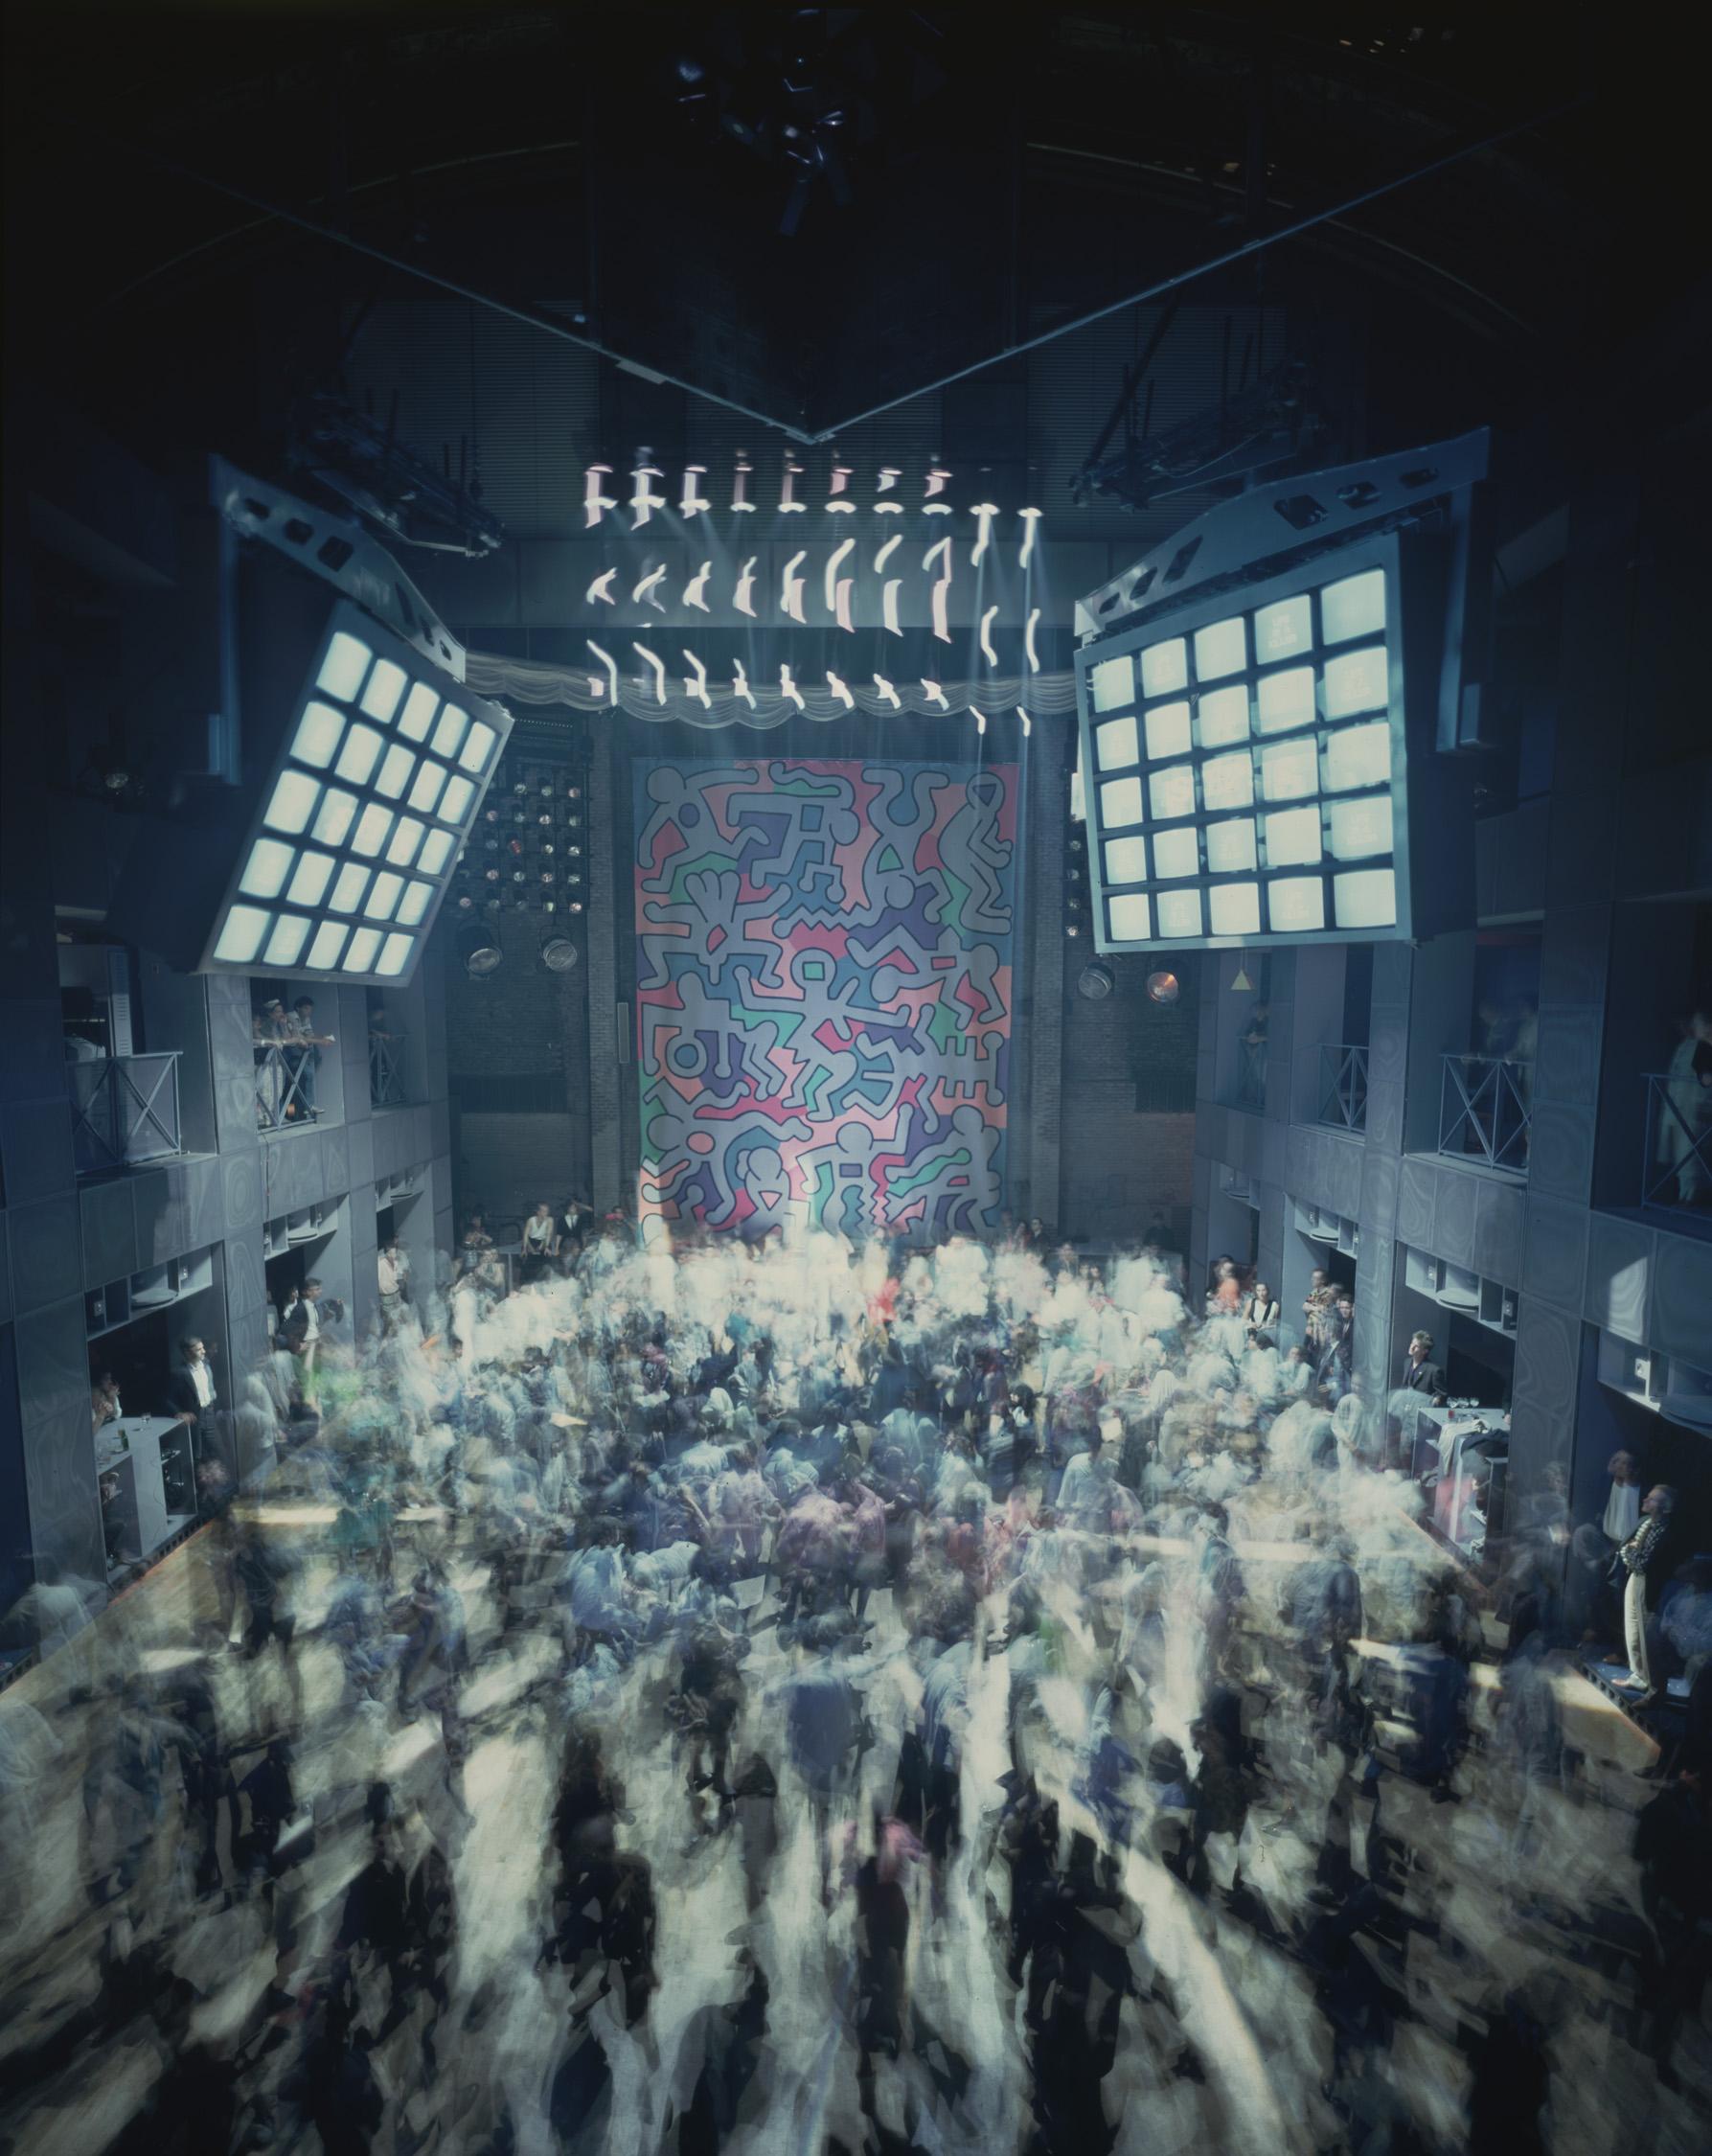 Arata Isozaki + Keith Haring